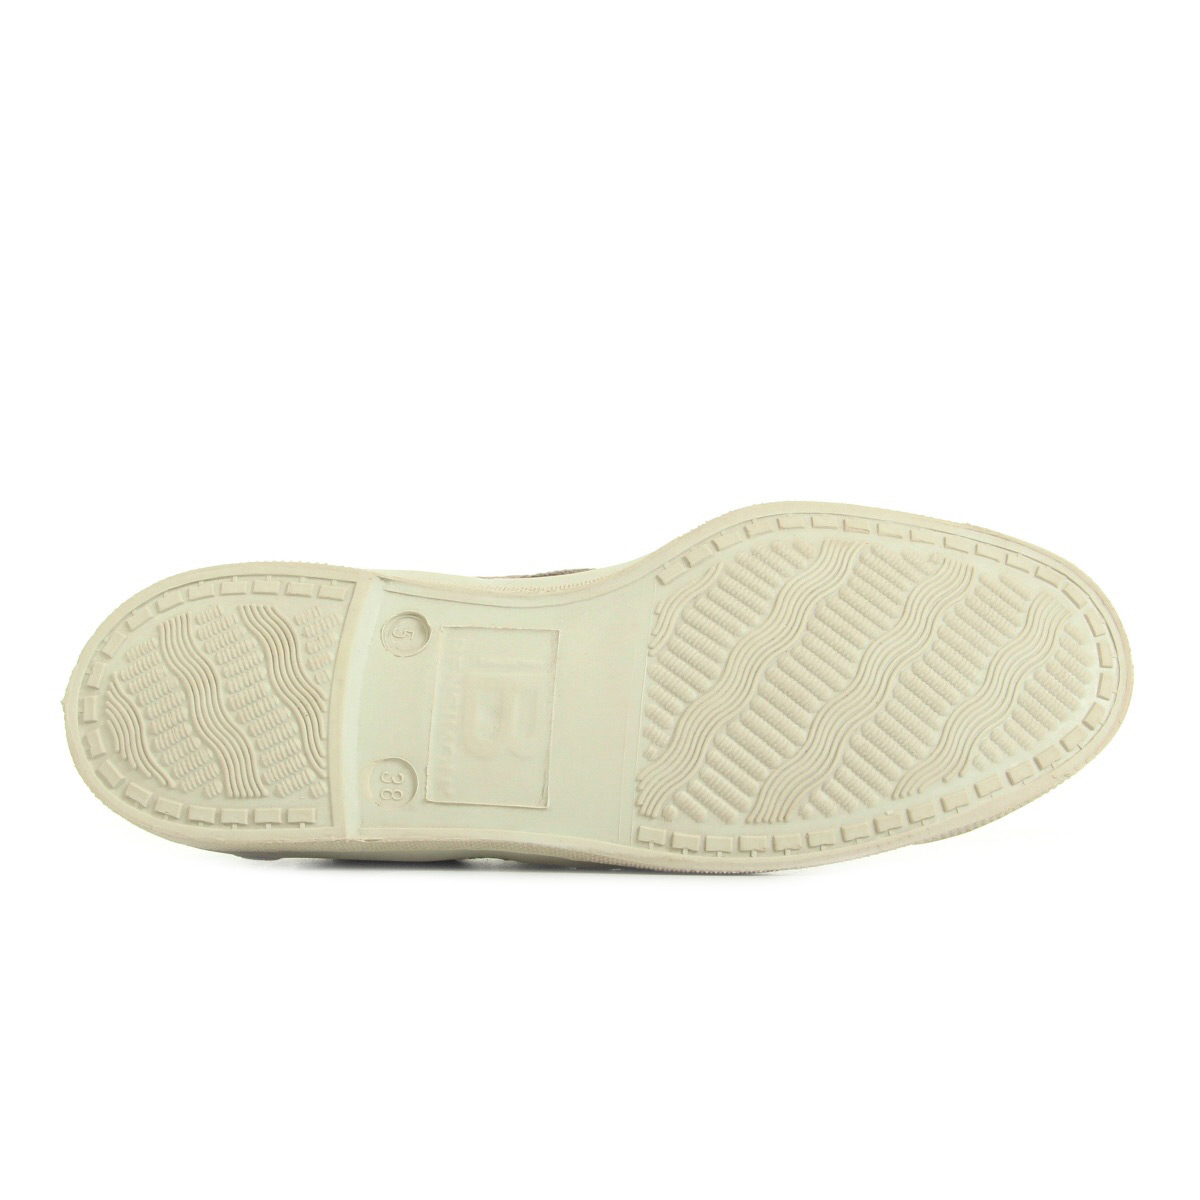 Société de chaussures vintage